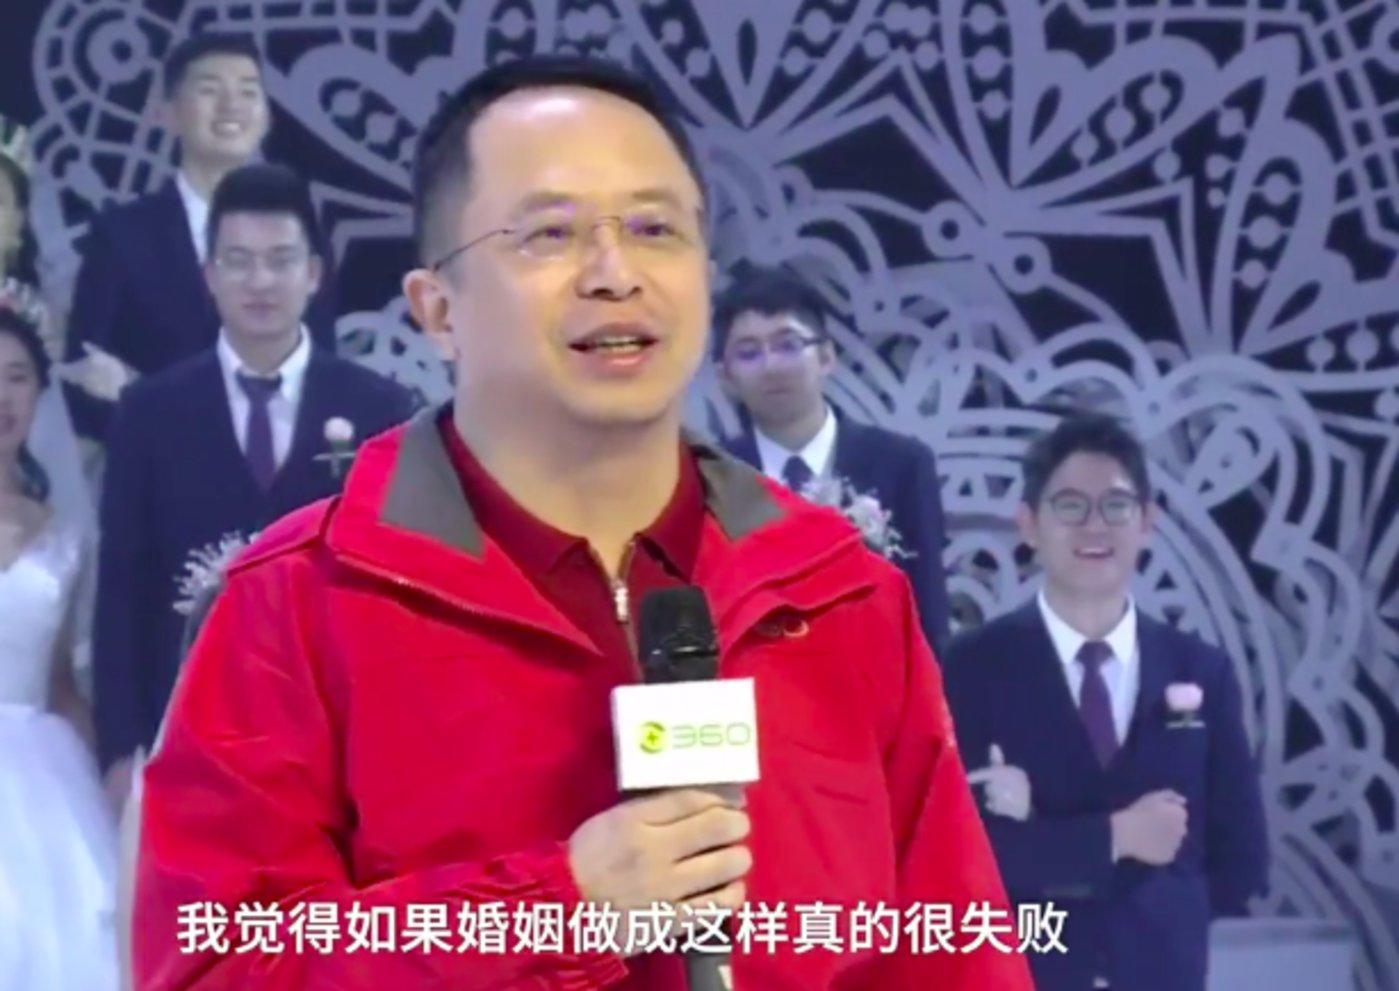 周鸿祎谈李国庆夫妇互撕:很痛心 这样的婚姻很失败